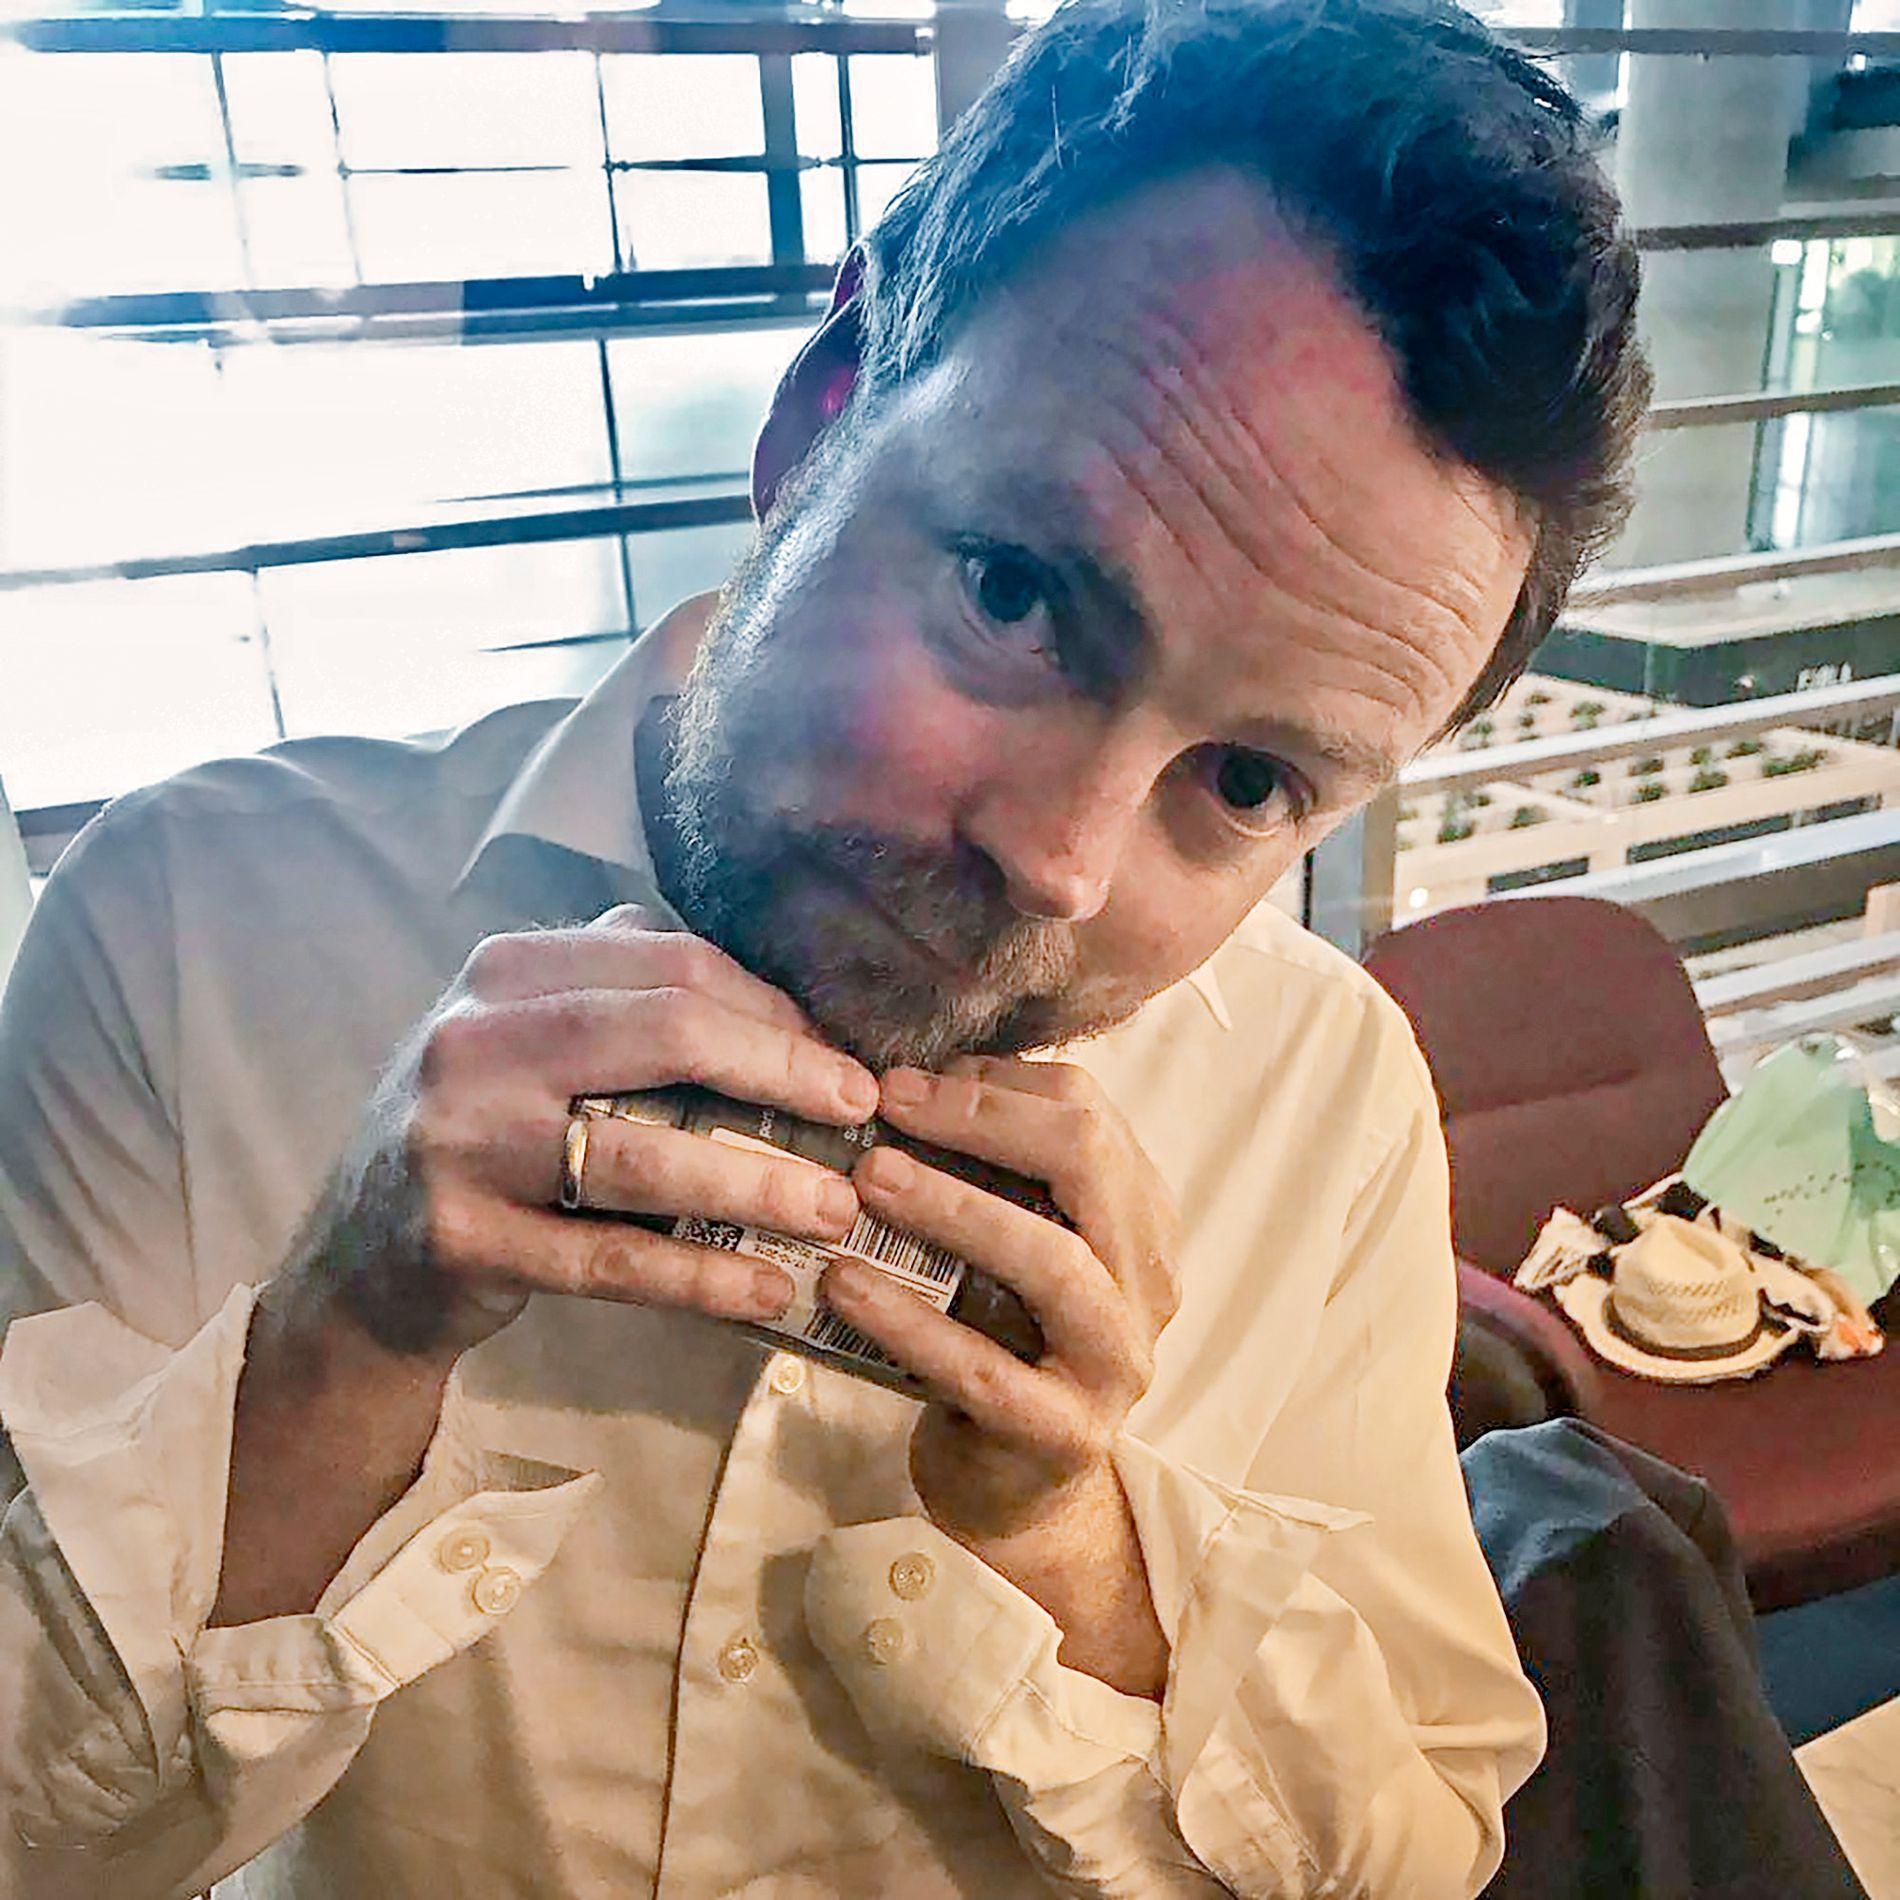 INSTA: Dette er bildet Torbjørn Røe Isaksen delte på Instagram. Mellom hendene holder han en rull med snusbokser.